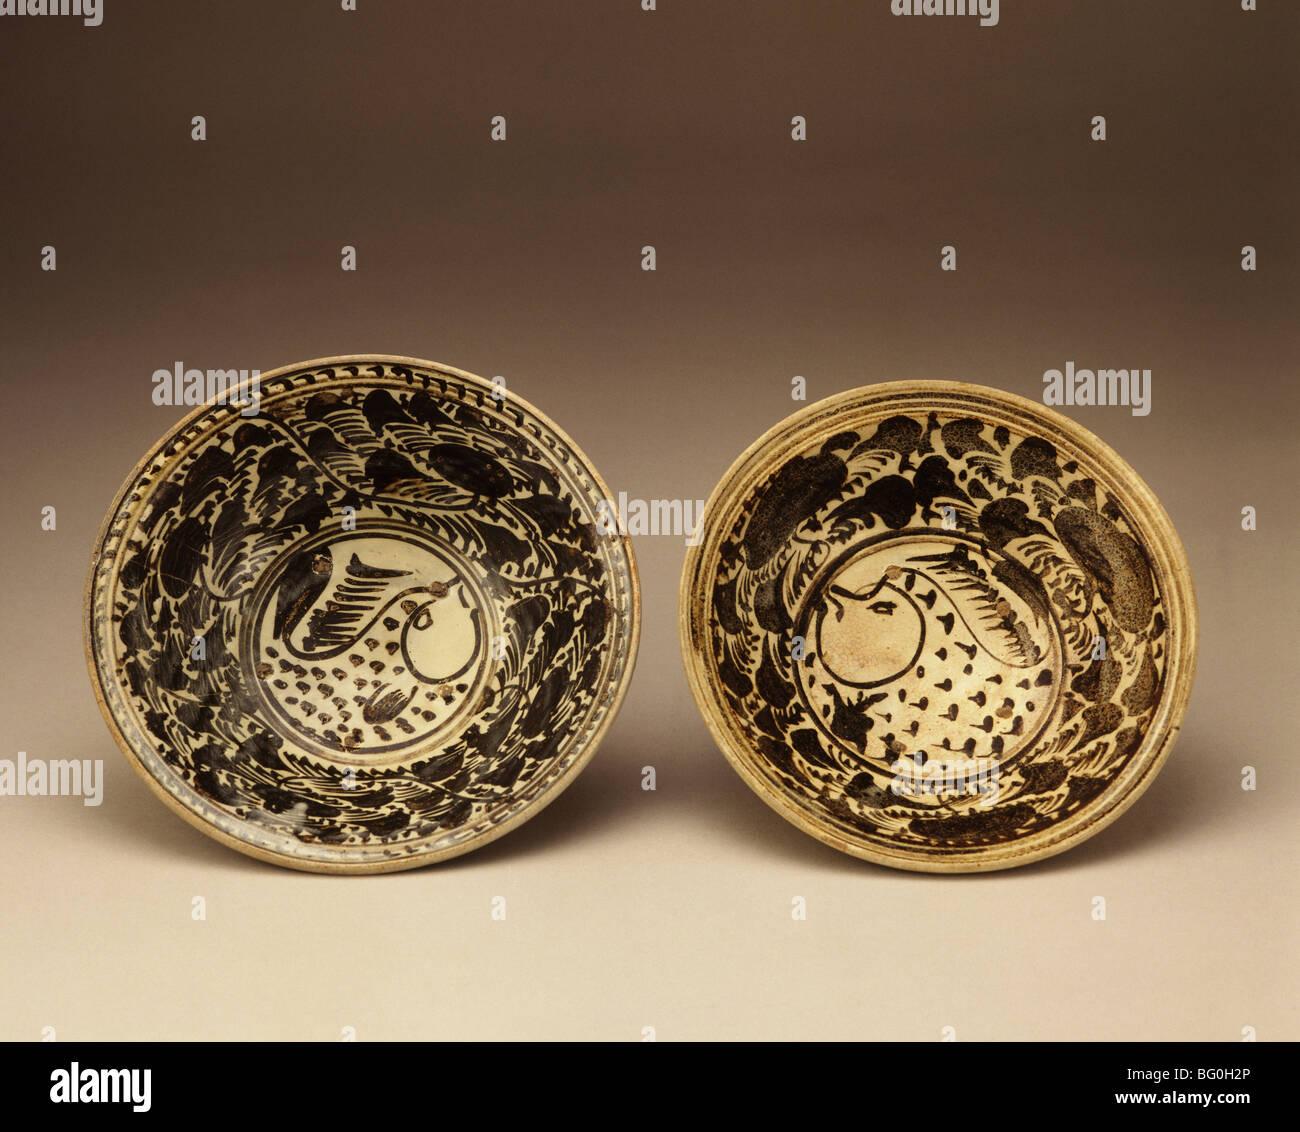 Sukhothai piatto di pesce dal XIV secolo, Thailandia, Sud-est asiatico, in Asia Immagini Stock